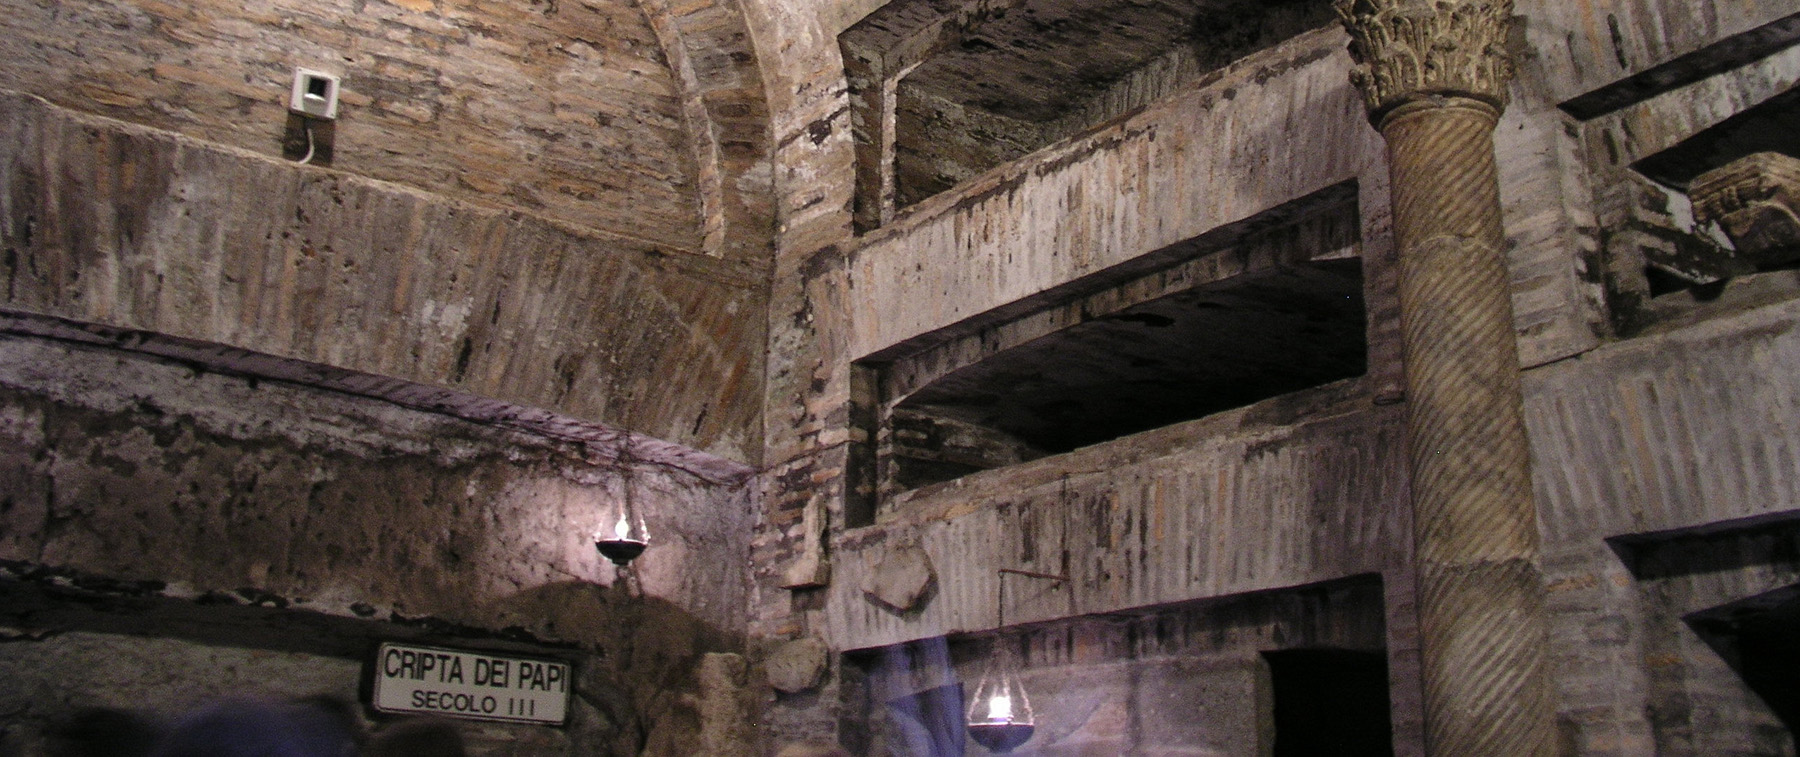 Catacombe Priscilla - Roma - B&B vicino - Bed and Breakfast